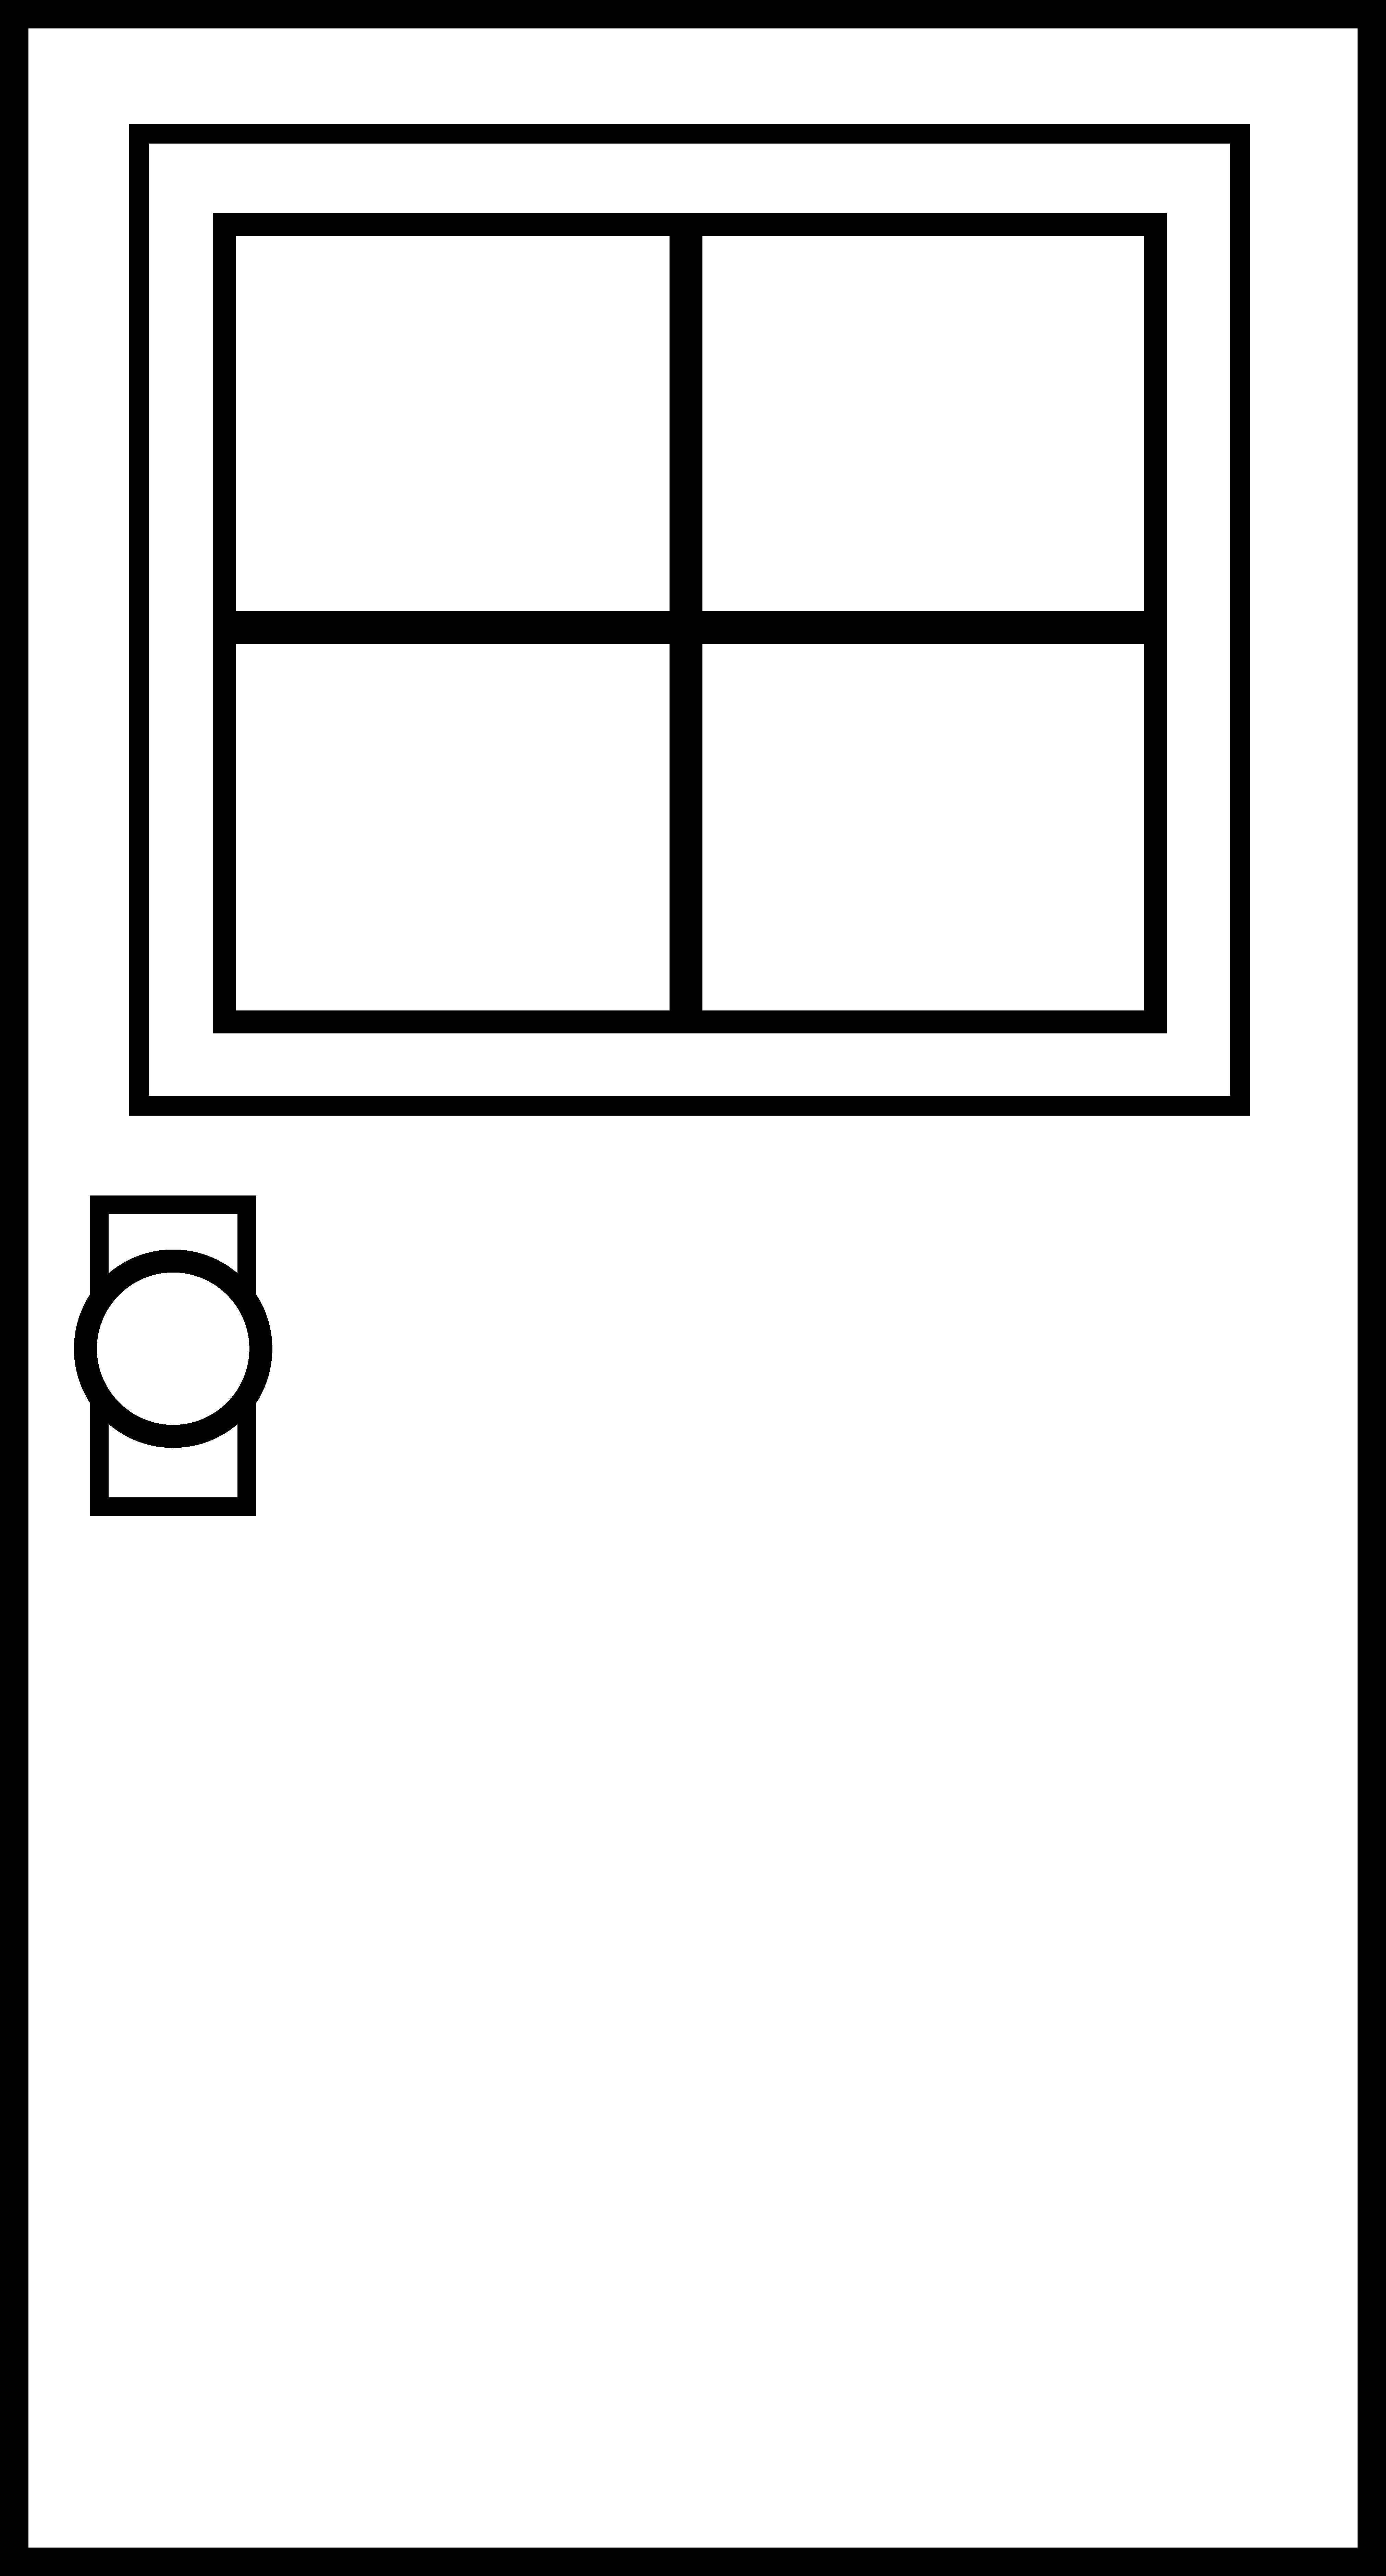 Door clipart #1, Download drawings